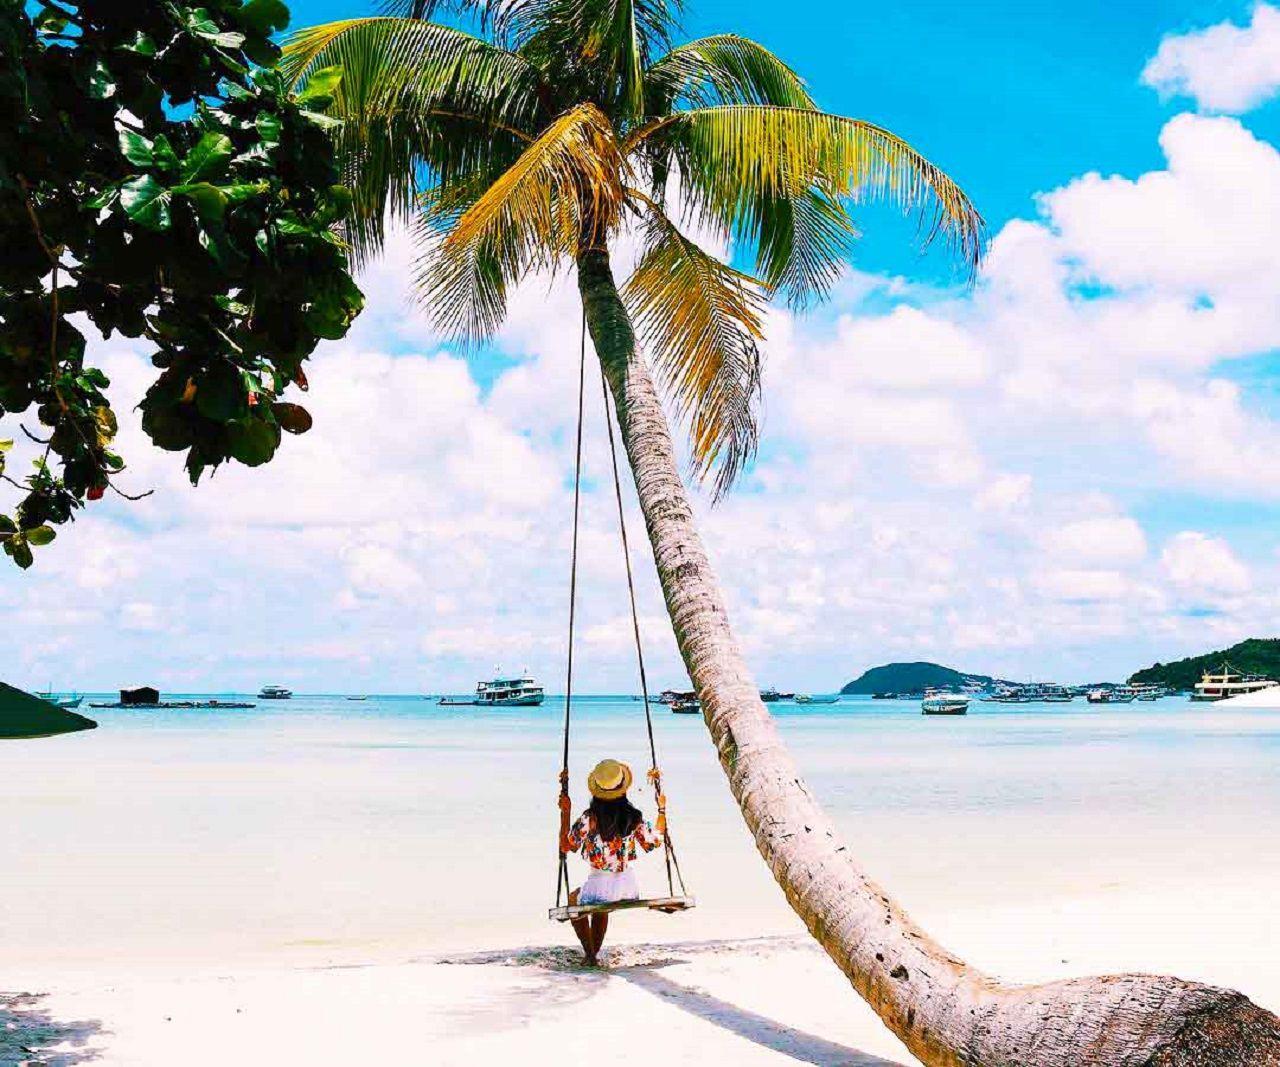 Check-in Bãi Sao cực đẹp với cây dừa huyền thoại